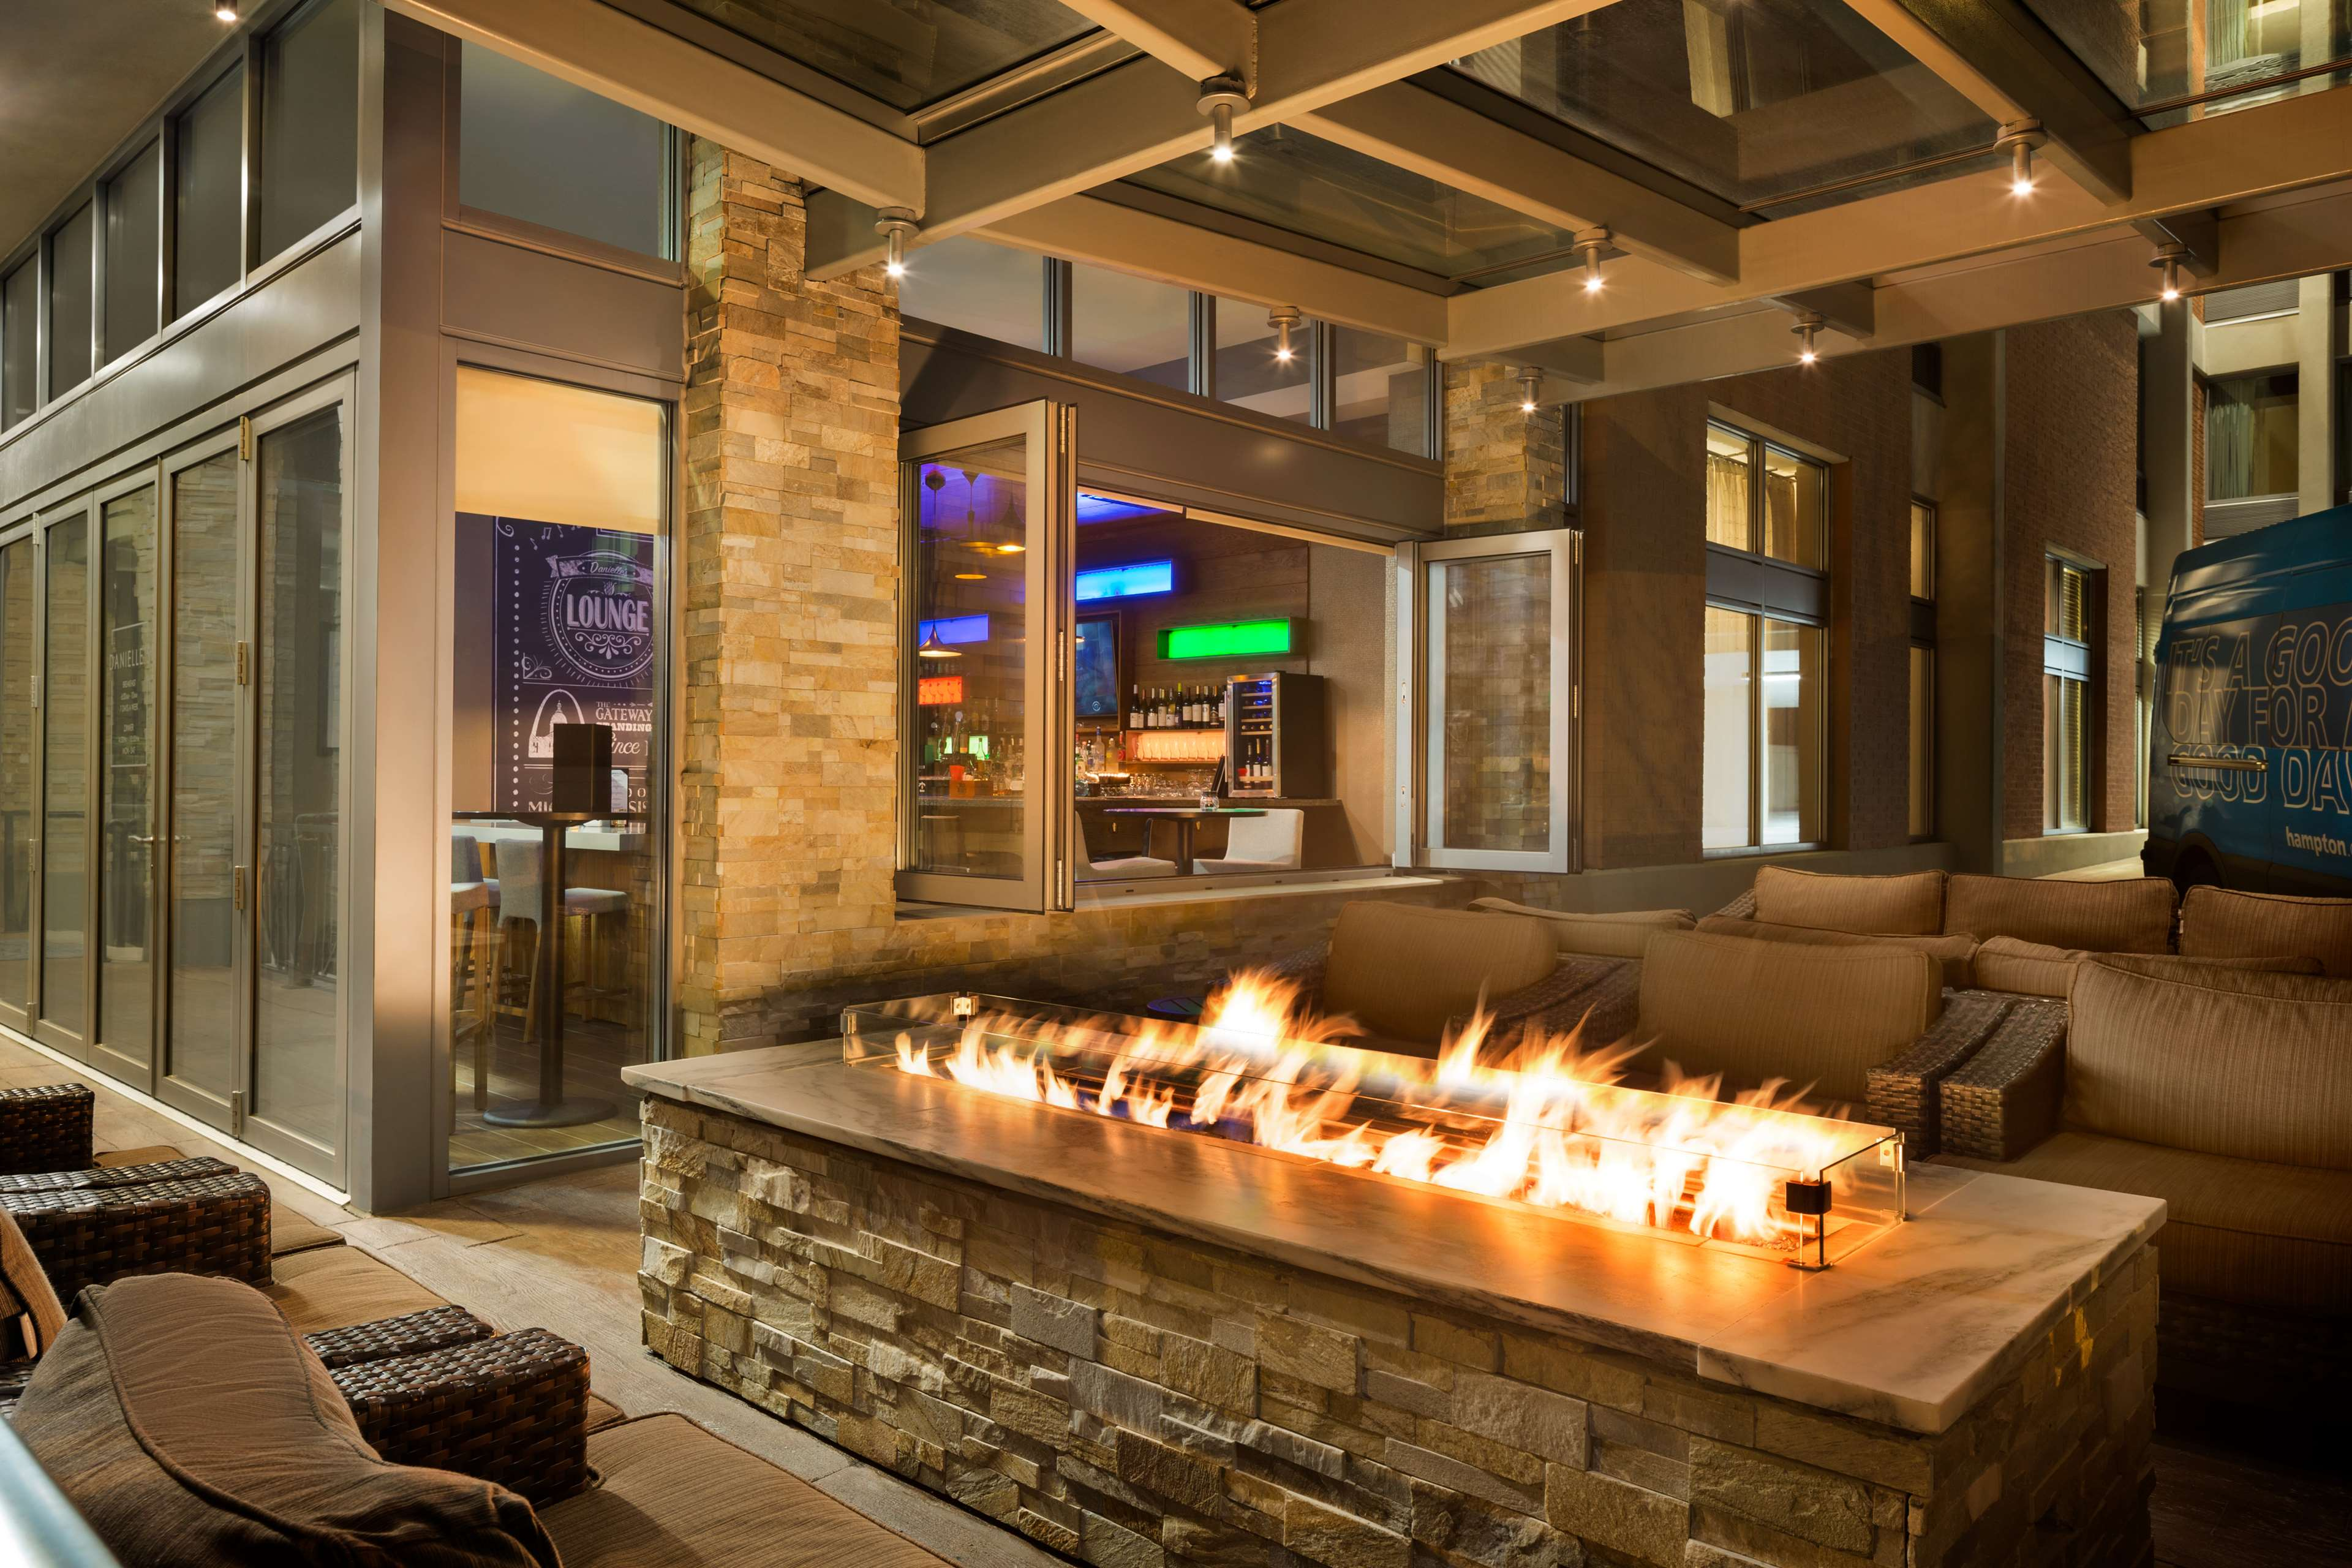 Hampton Inn and Suites Clayton/St Louis-Galleria Area image 33